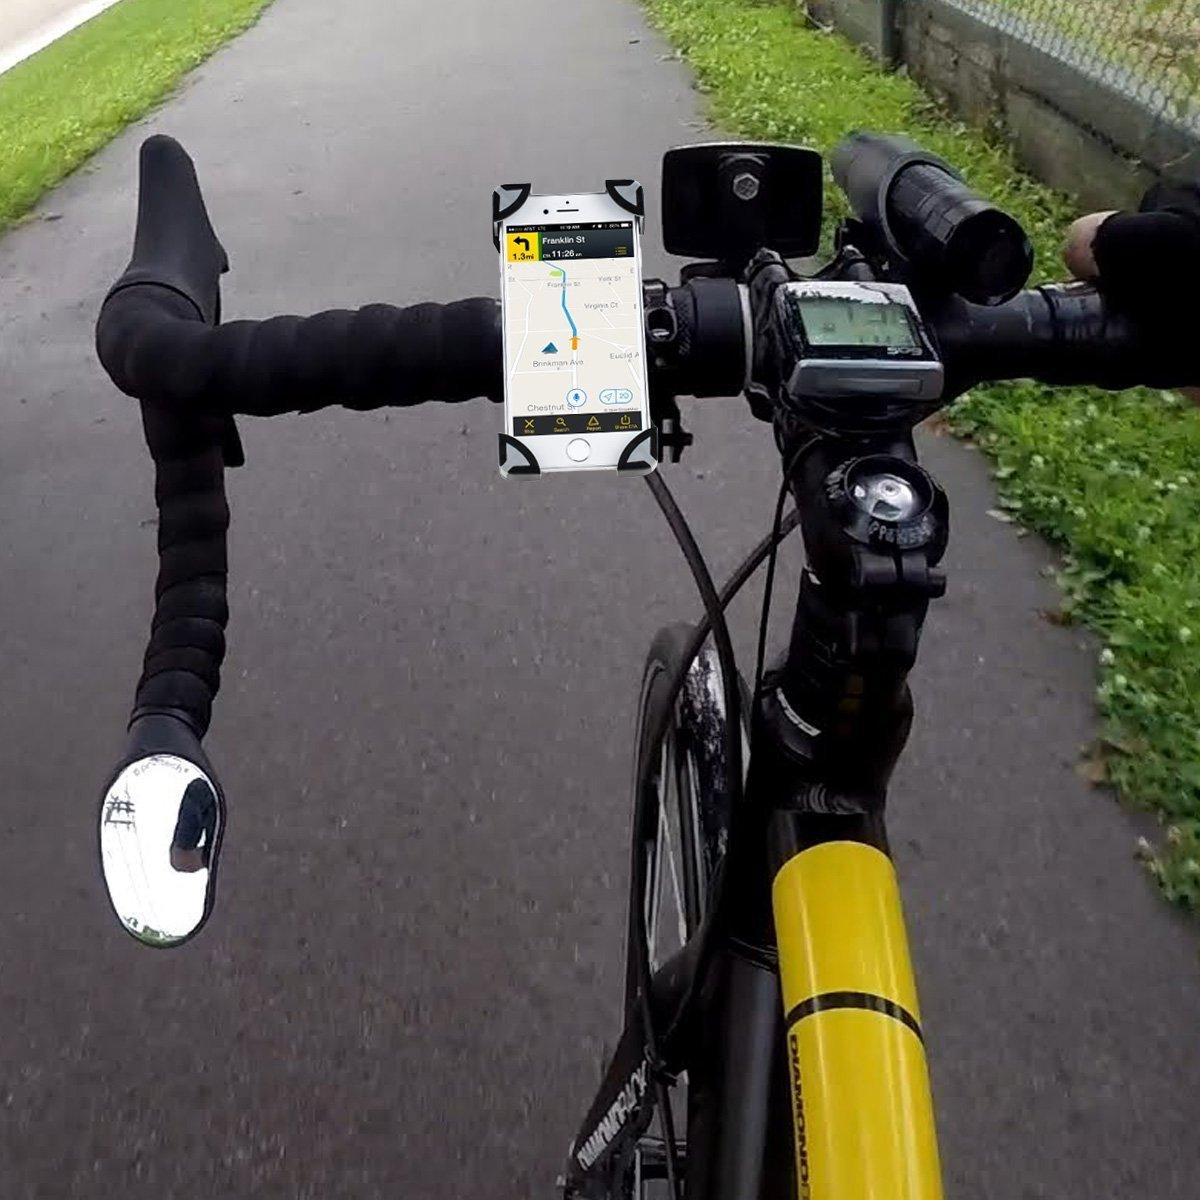 Sumsung Galaxy S8//S9 et Autres Vert//Noir Universel Support V/élo T/él/éphone R/églable Support VTT Rotatif /à 360 pour T/él/éphone de 4-6,5 Pouces pour iPhone X//8//8 Plus SKYEE Support V/élo Smartphone